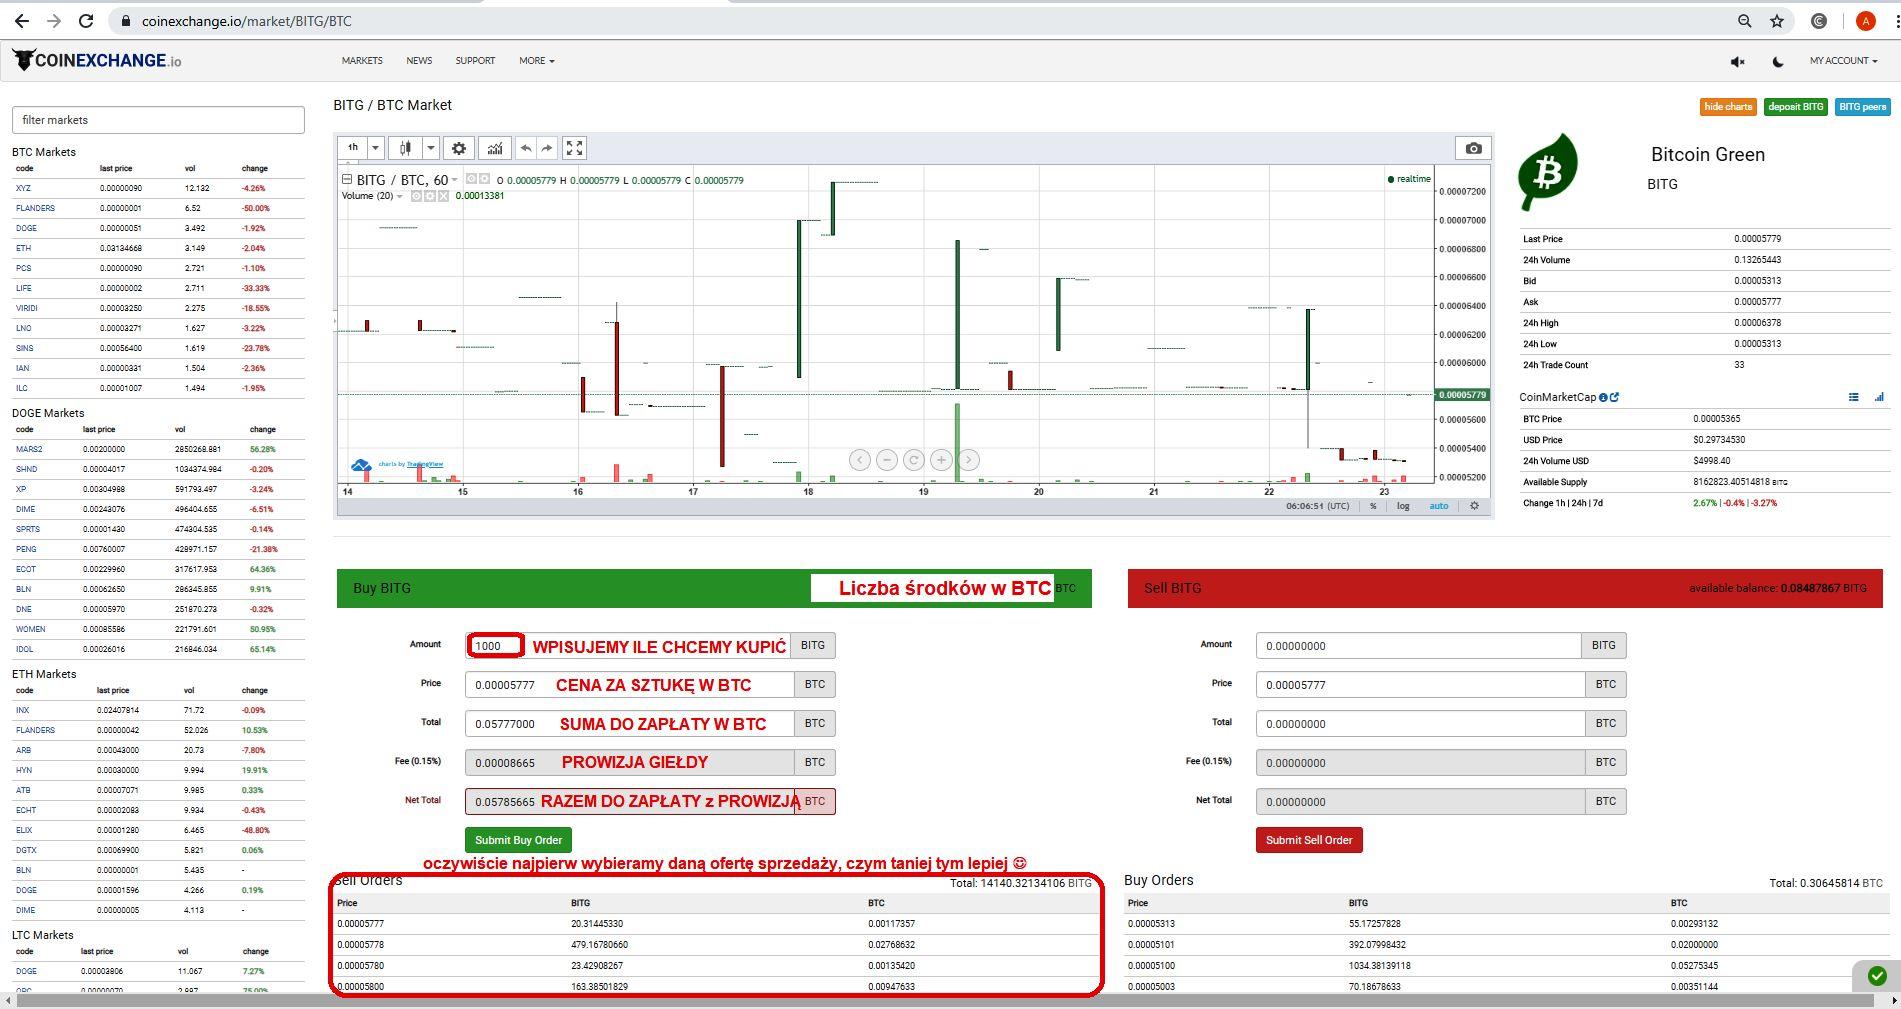 SGD la BTC - Dolarul Singapore to Bitcoin Convertorul valutar